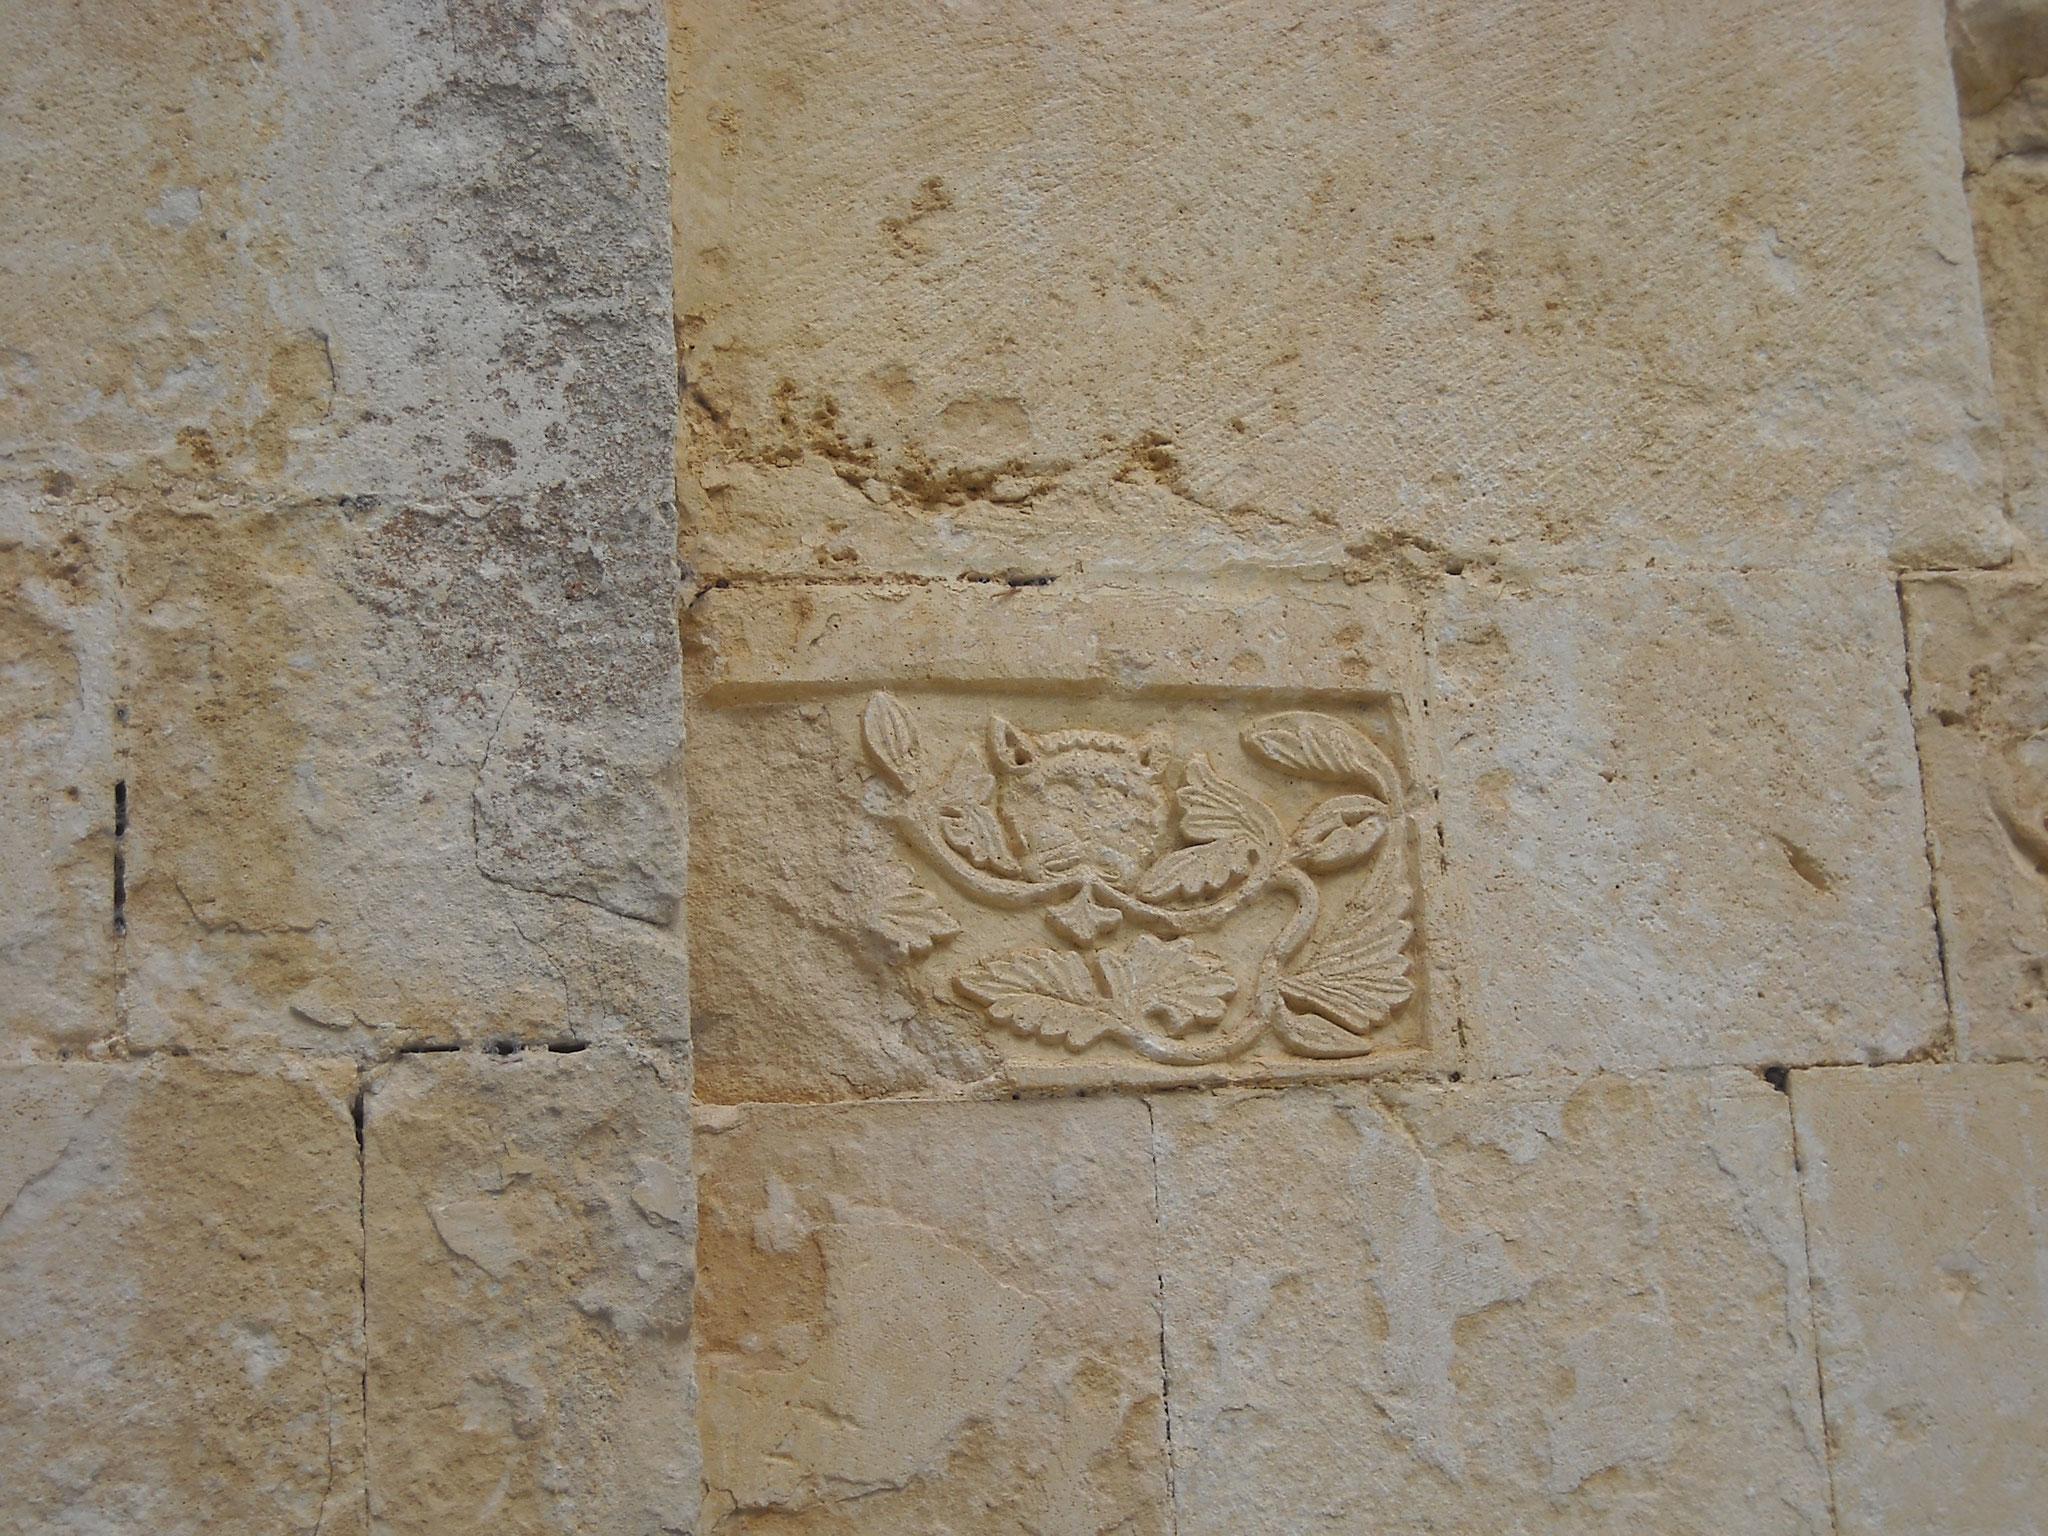 San Tommaso frazione di  Caramanico Terme (PE)